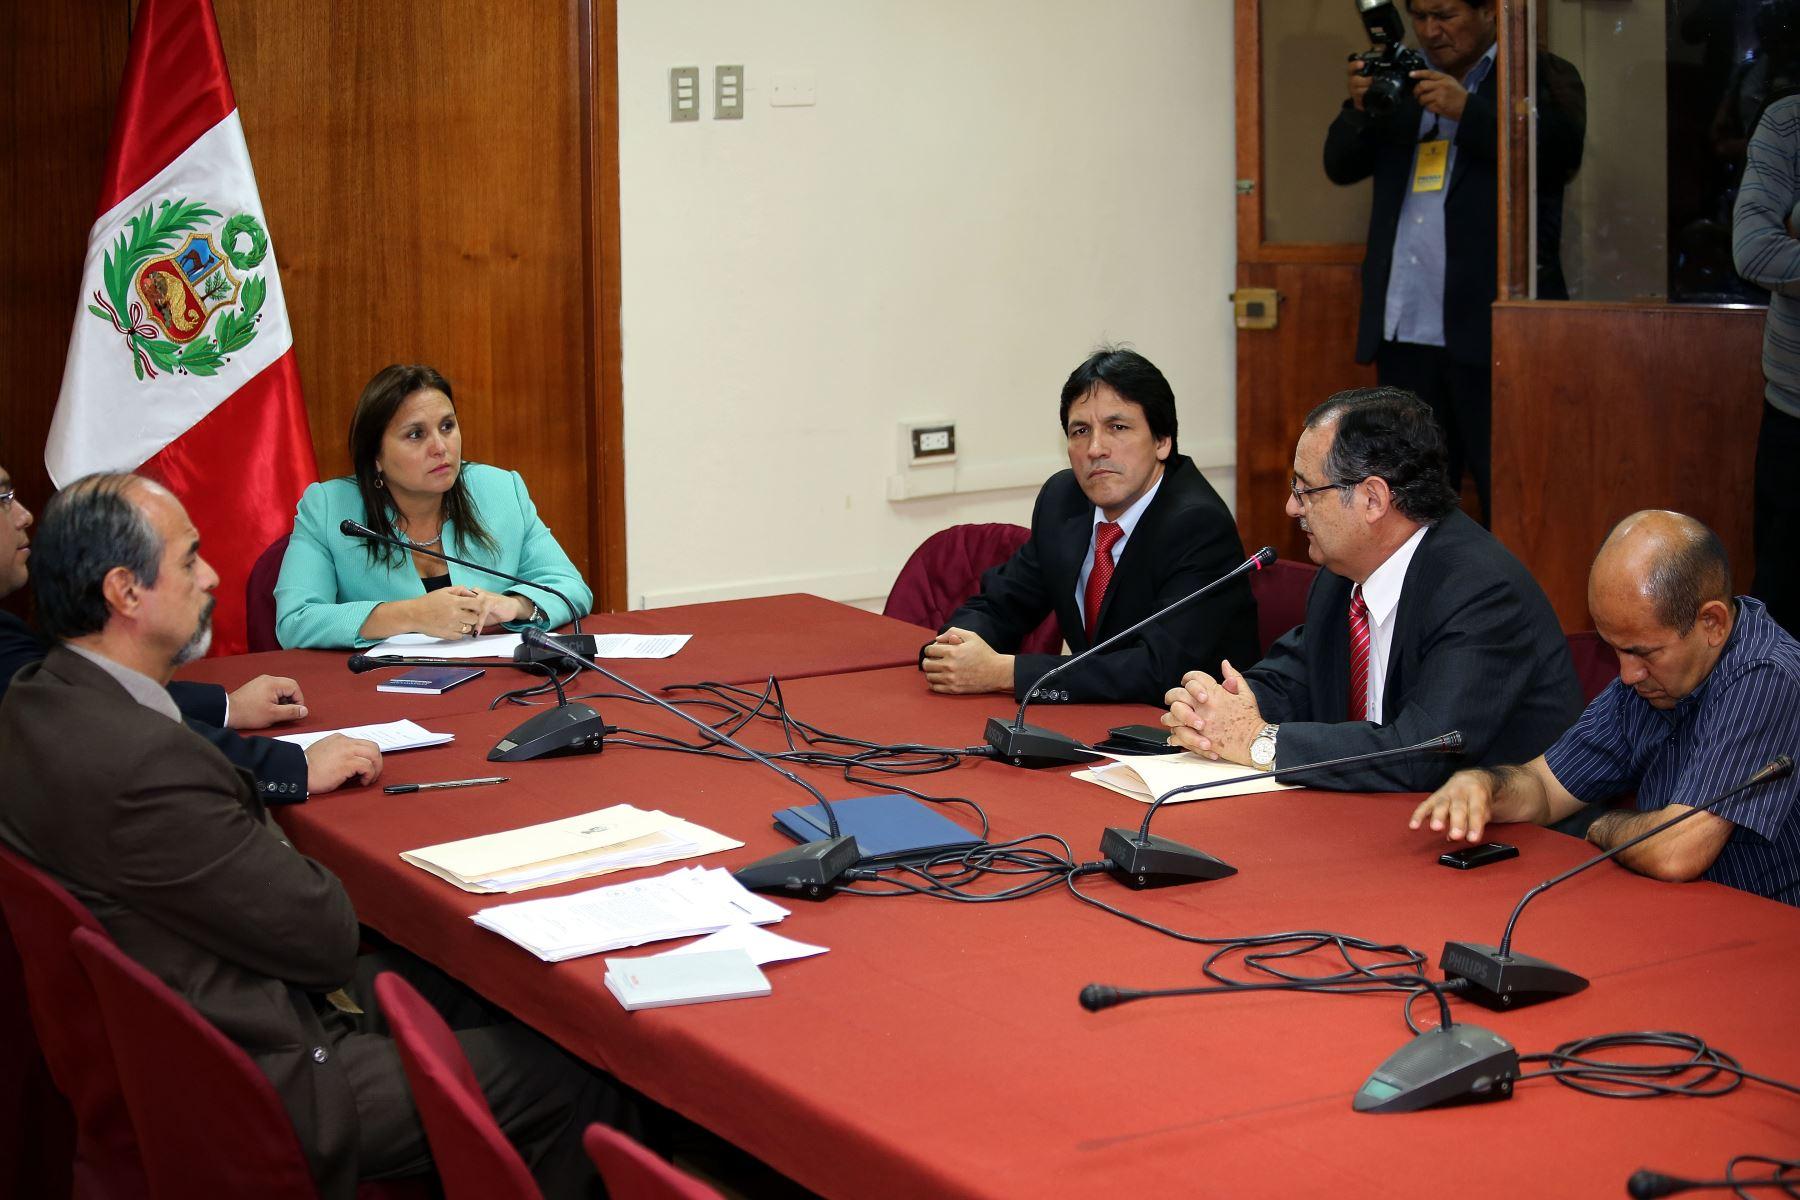 Cortesía La comisión que preside Marisol Pérez Tello emitió su informe final.